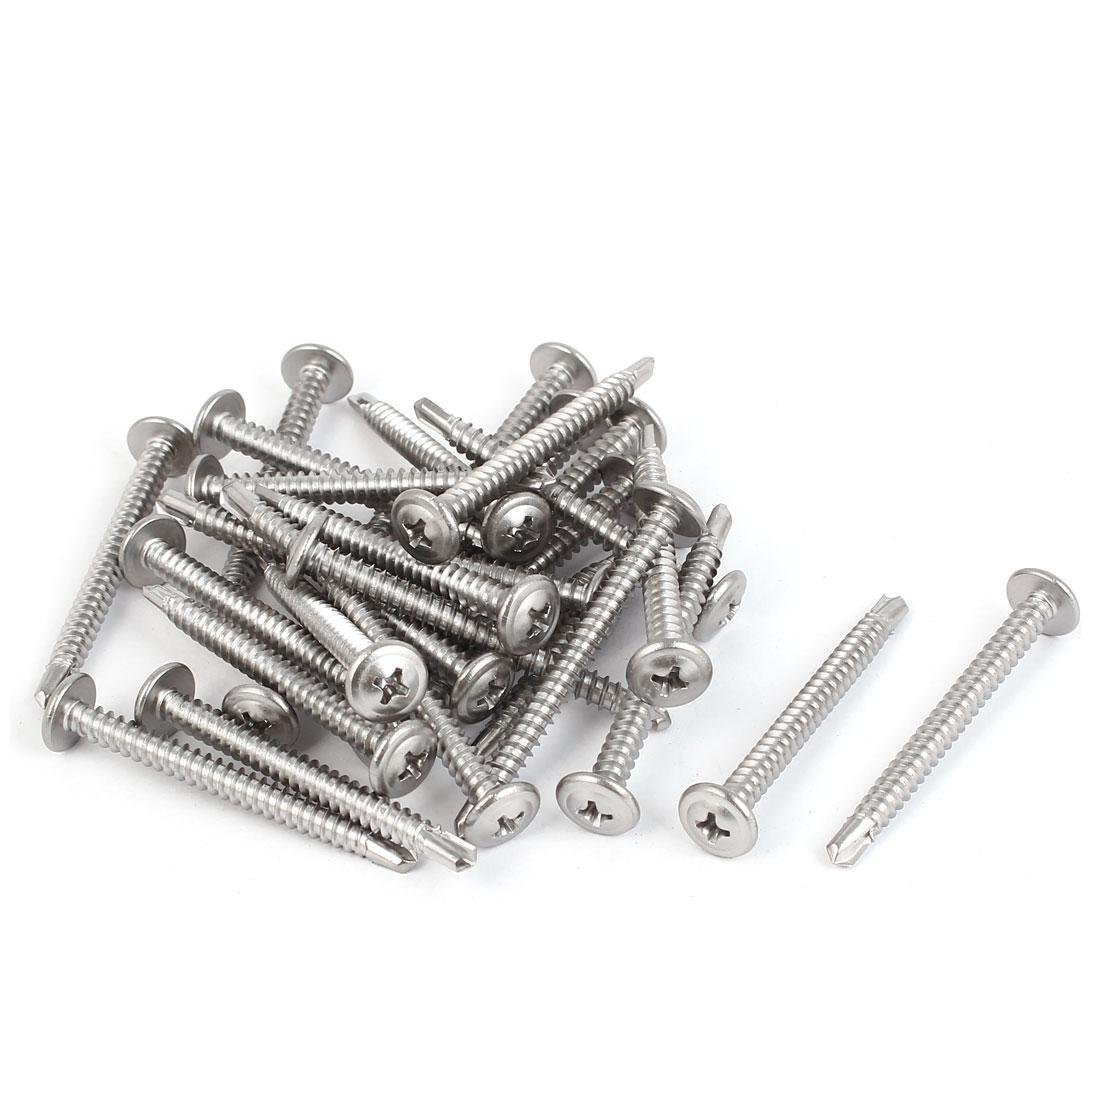 M4.8 x 50mm #10 Male Thread Self Drilling Phillips Drive Flat Head Screws 30 Pcs